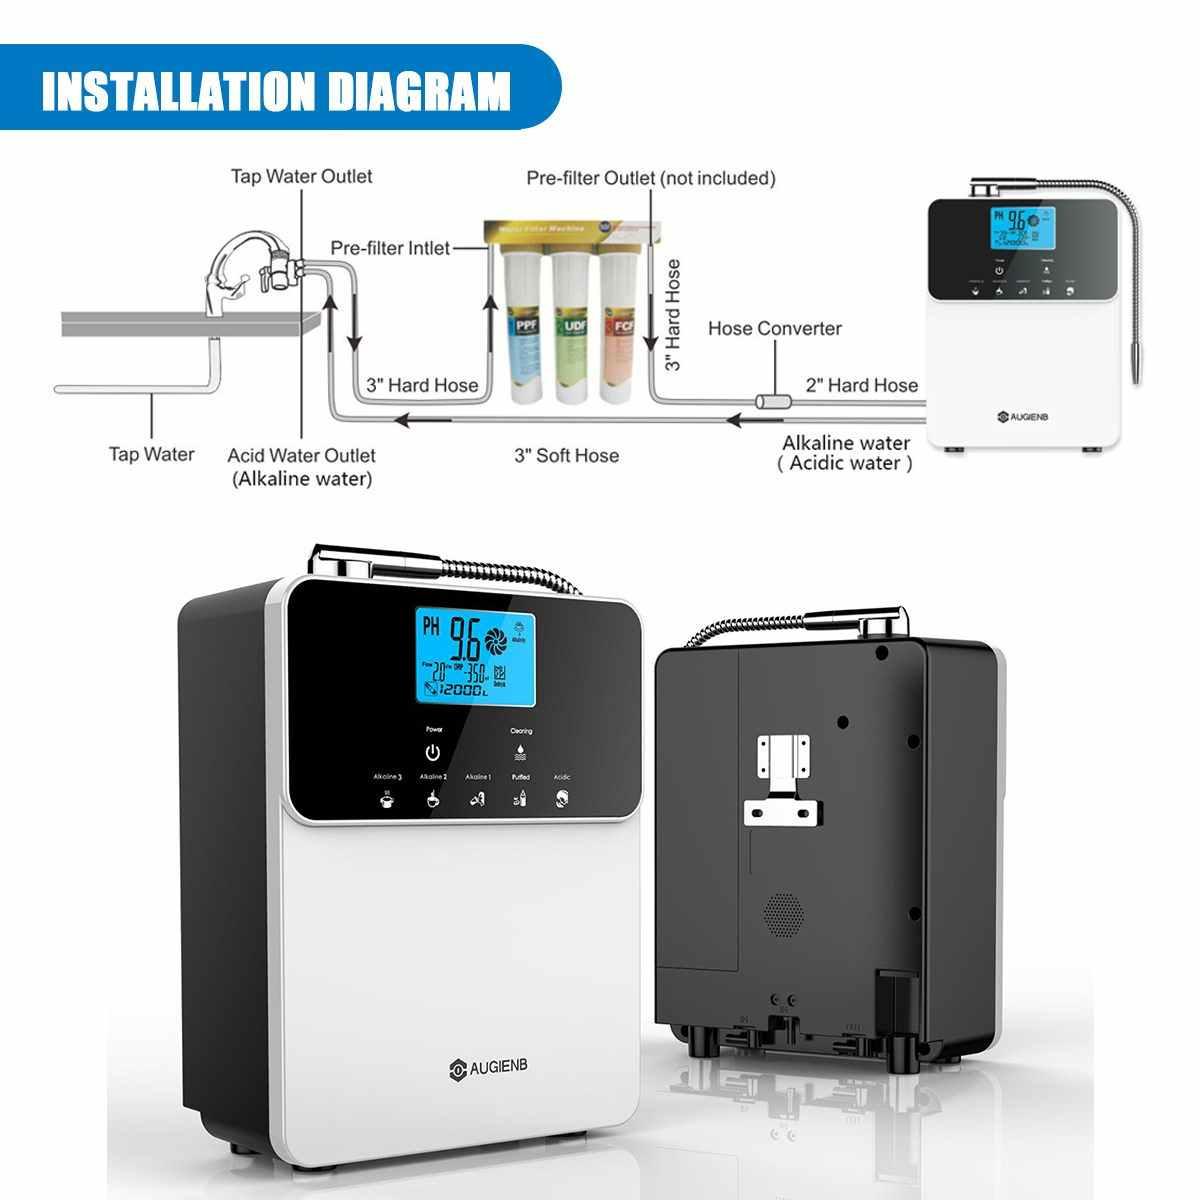 Augienb 12000L Máquina PH3.5-11 Ácido Alcalina Ionizador Purificador De Água Ajustar 5 Configurações do Modo de Auto-Limpeza do LCD Toque Filtro de Água